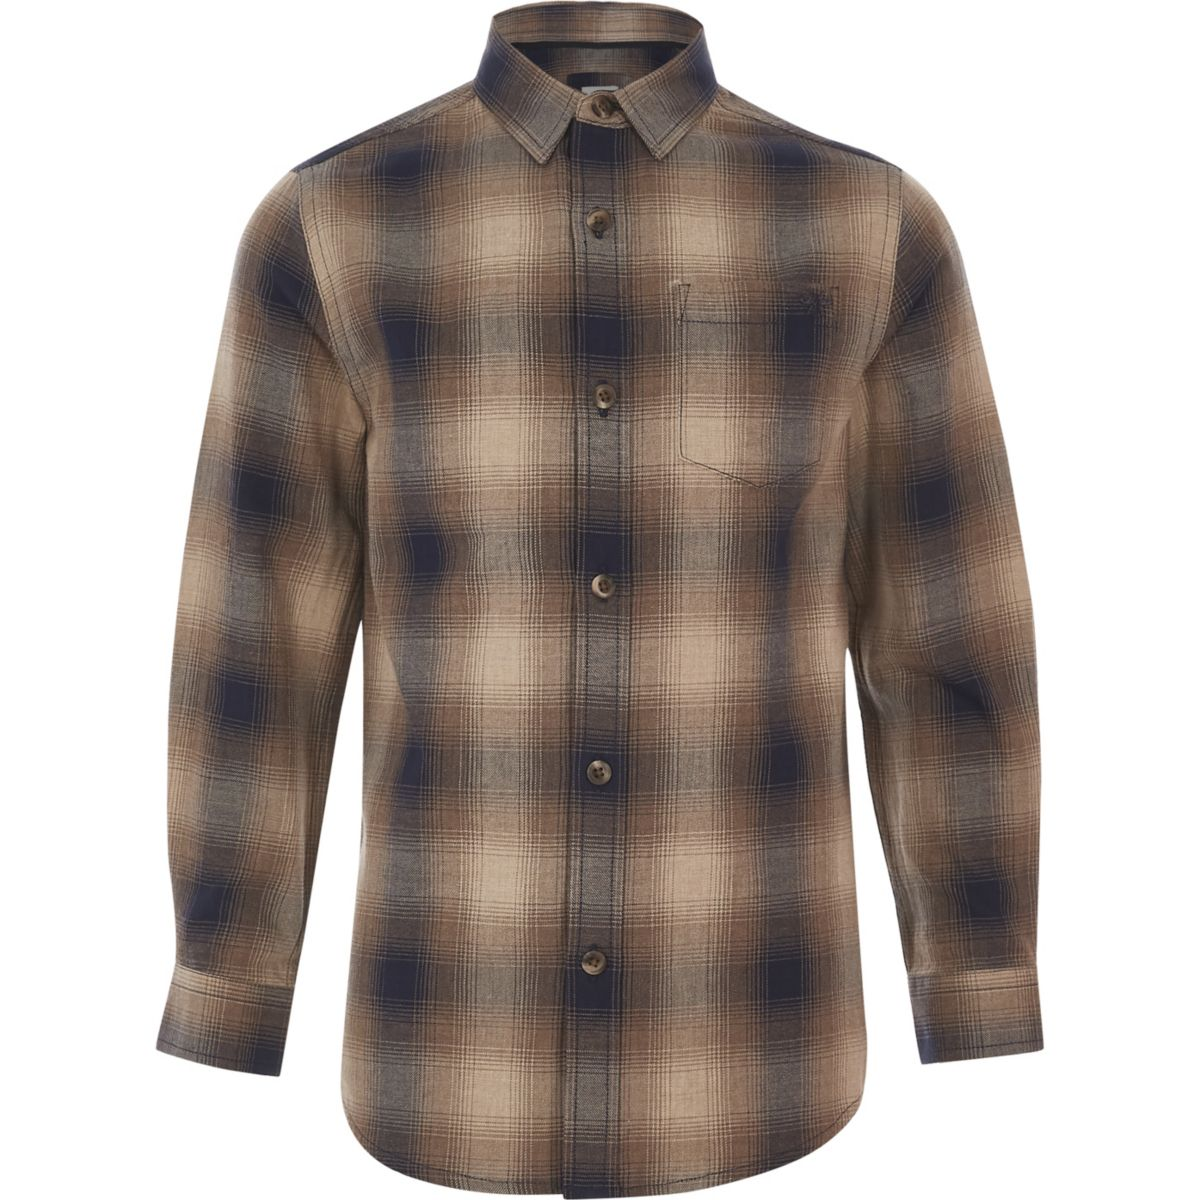 Boys brown ombre check shirt